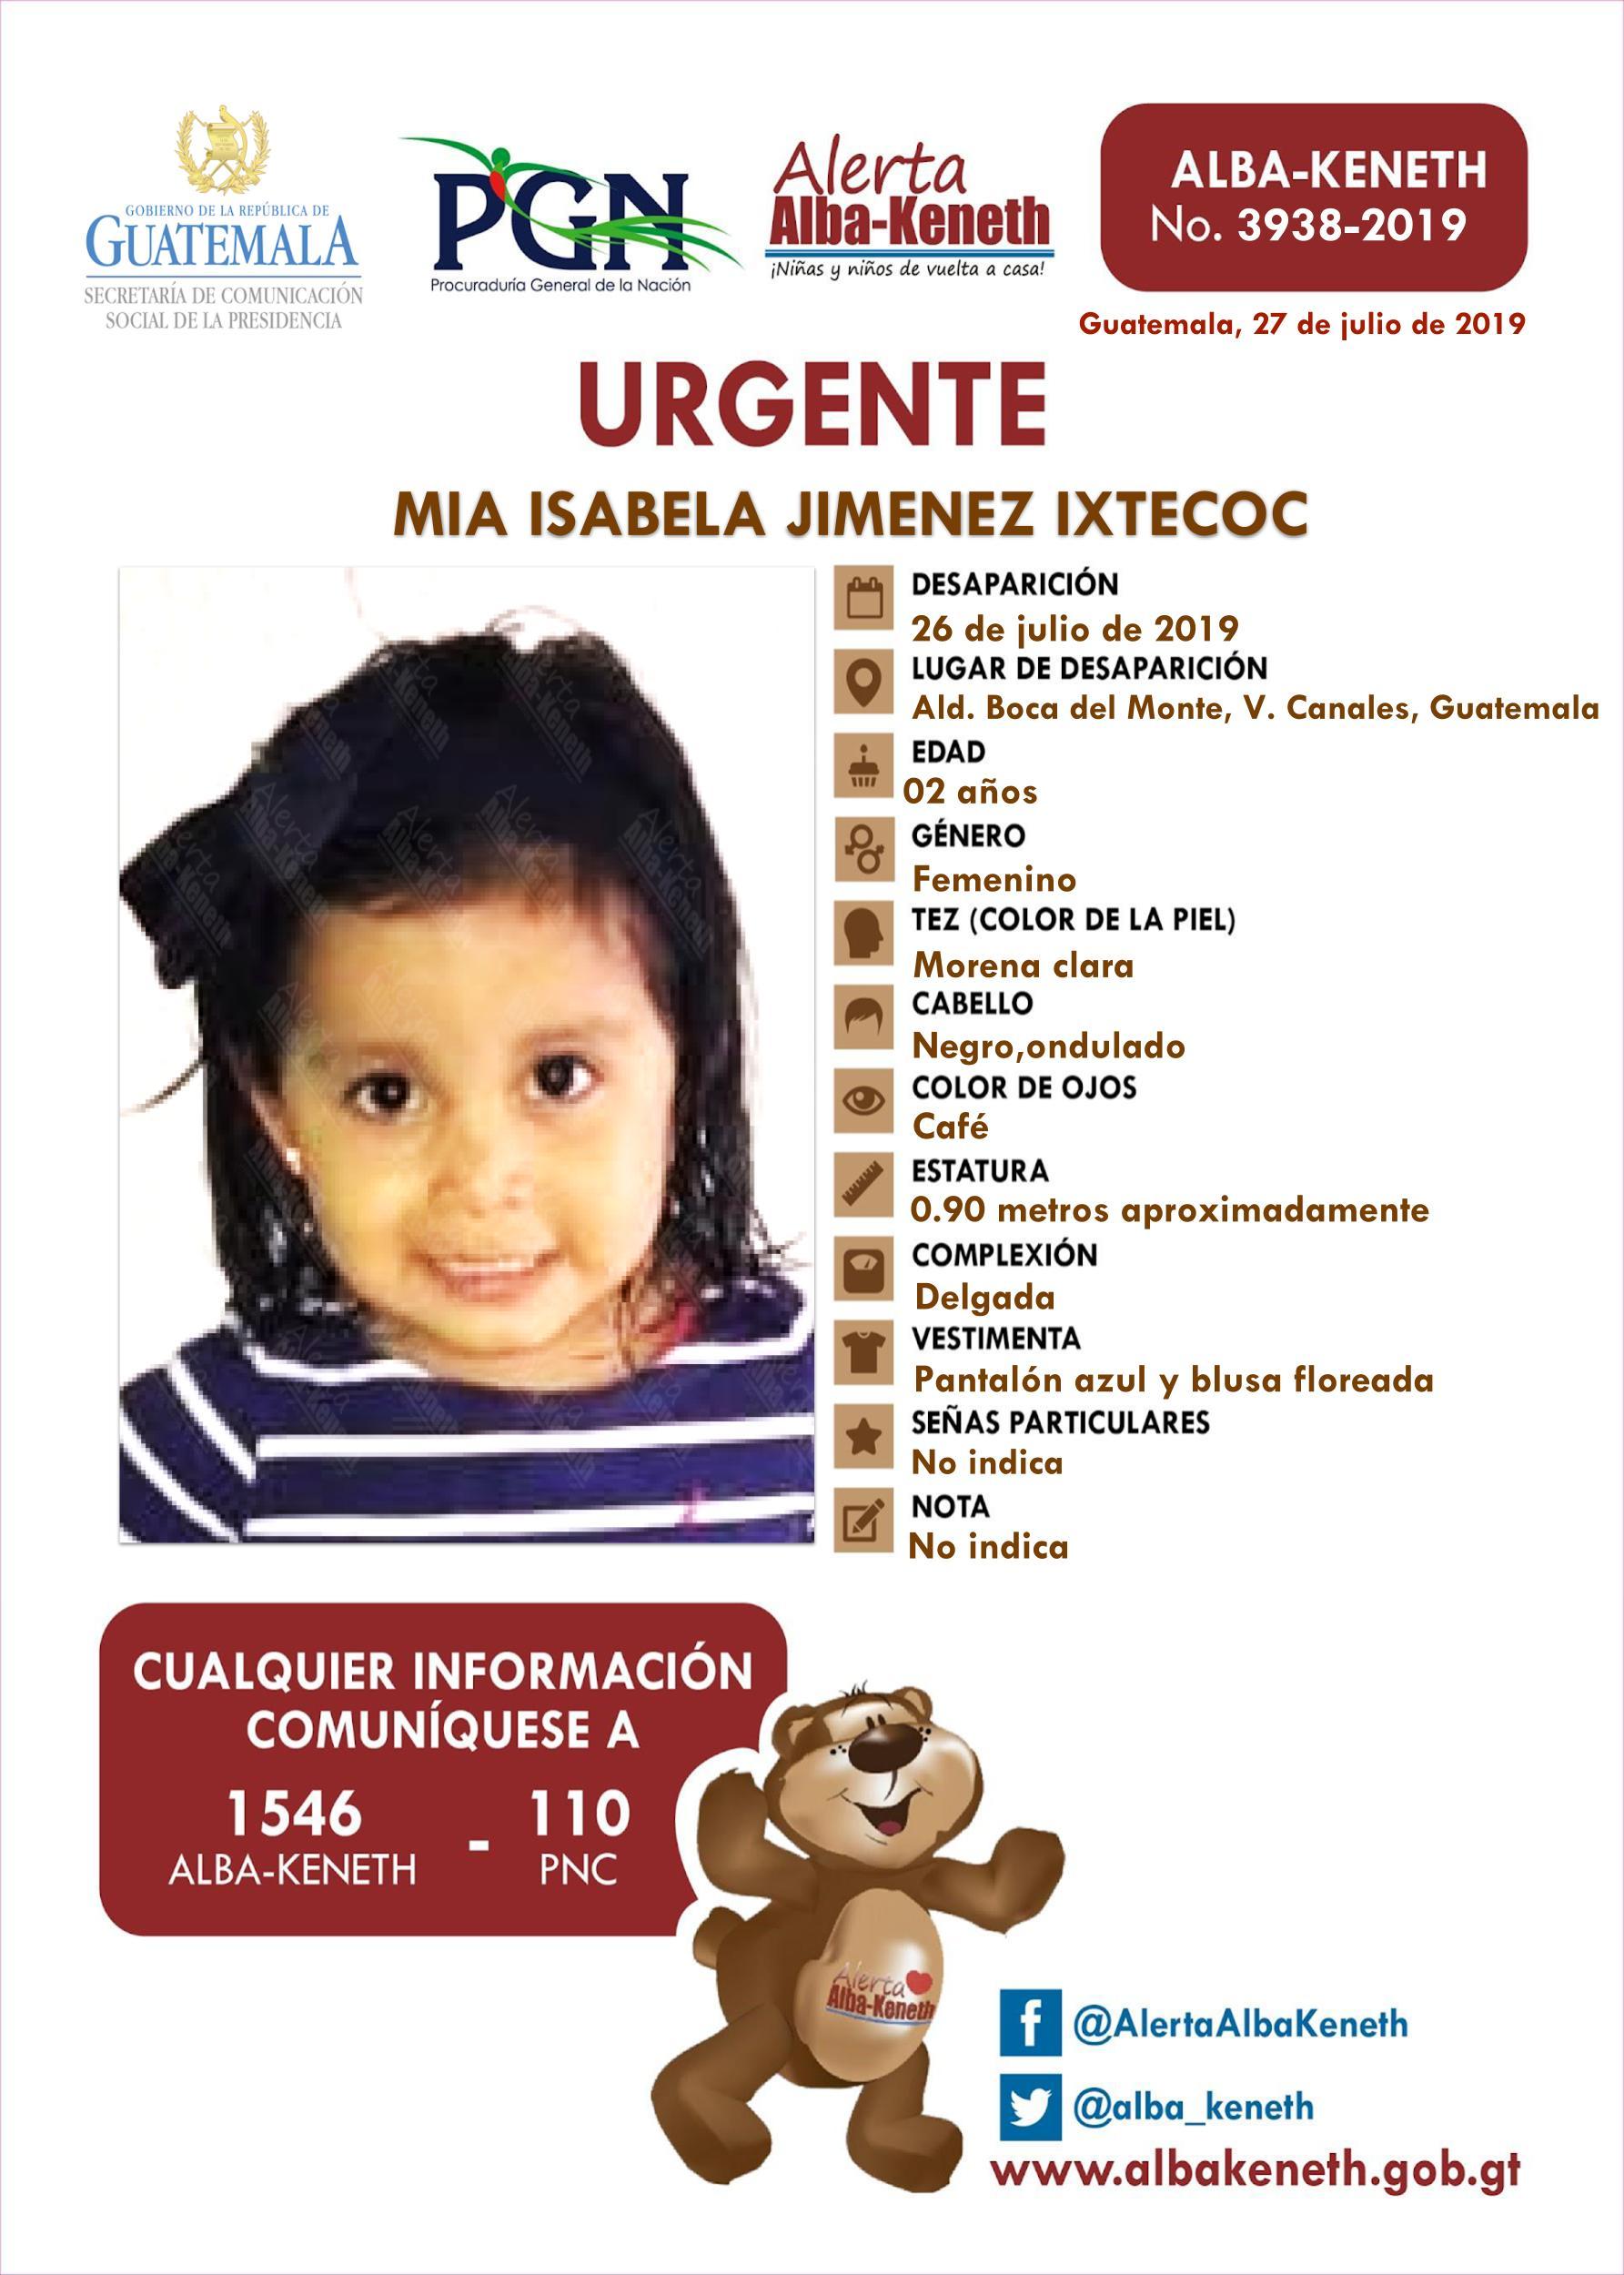 Mia Isabela Jimenez Ixtecoc